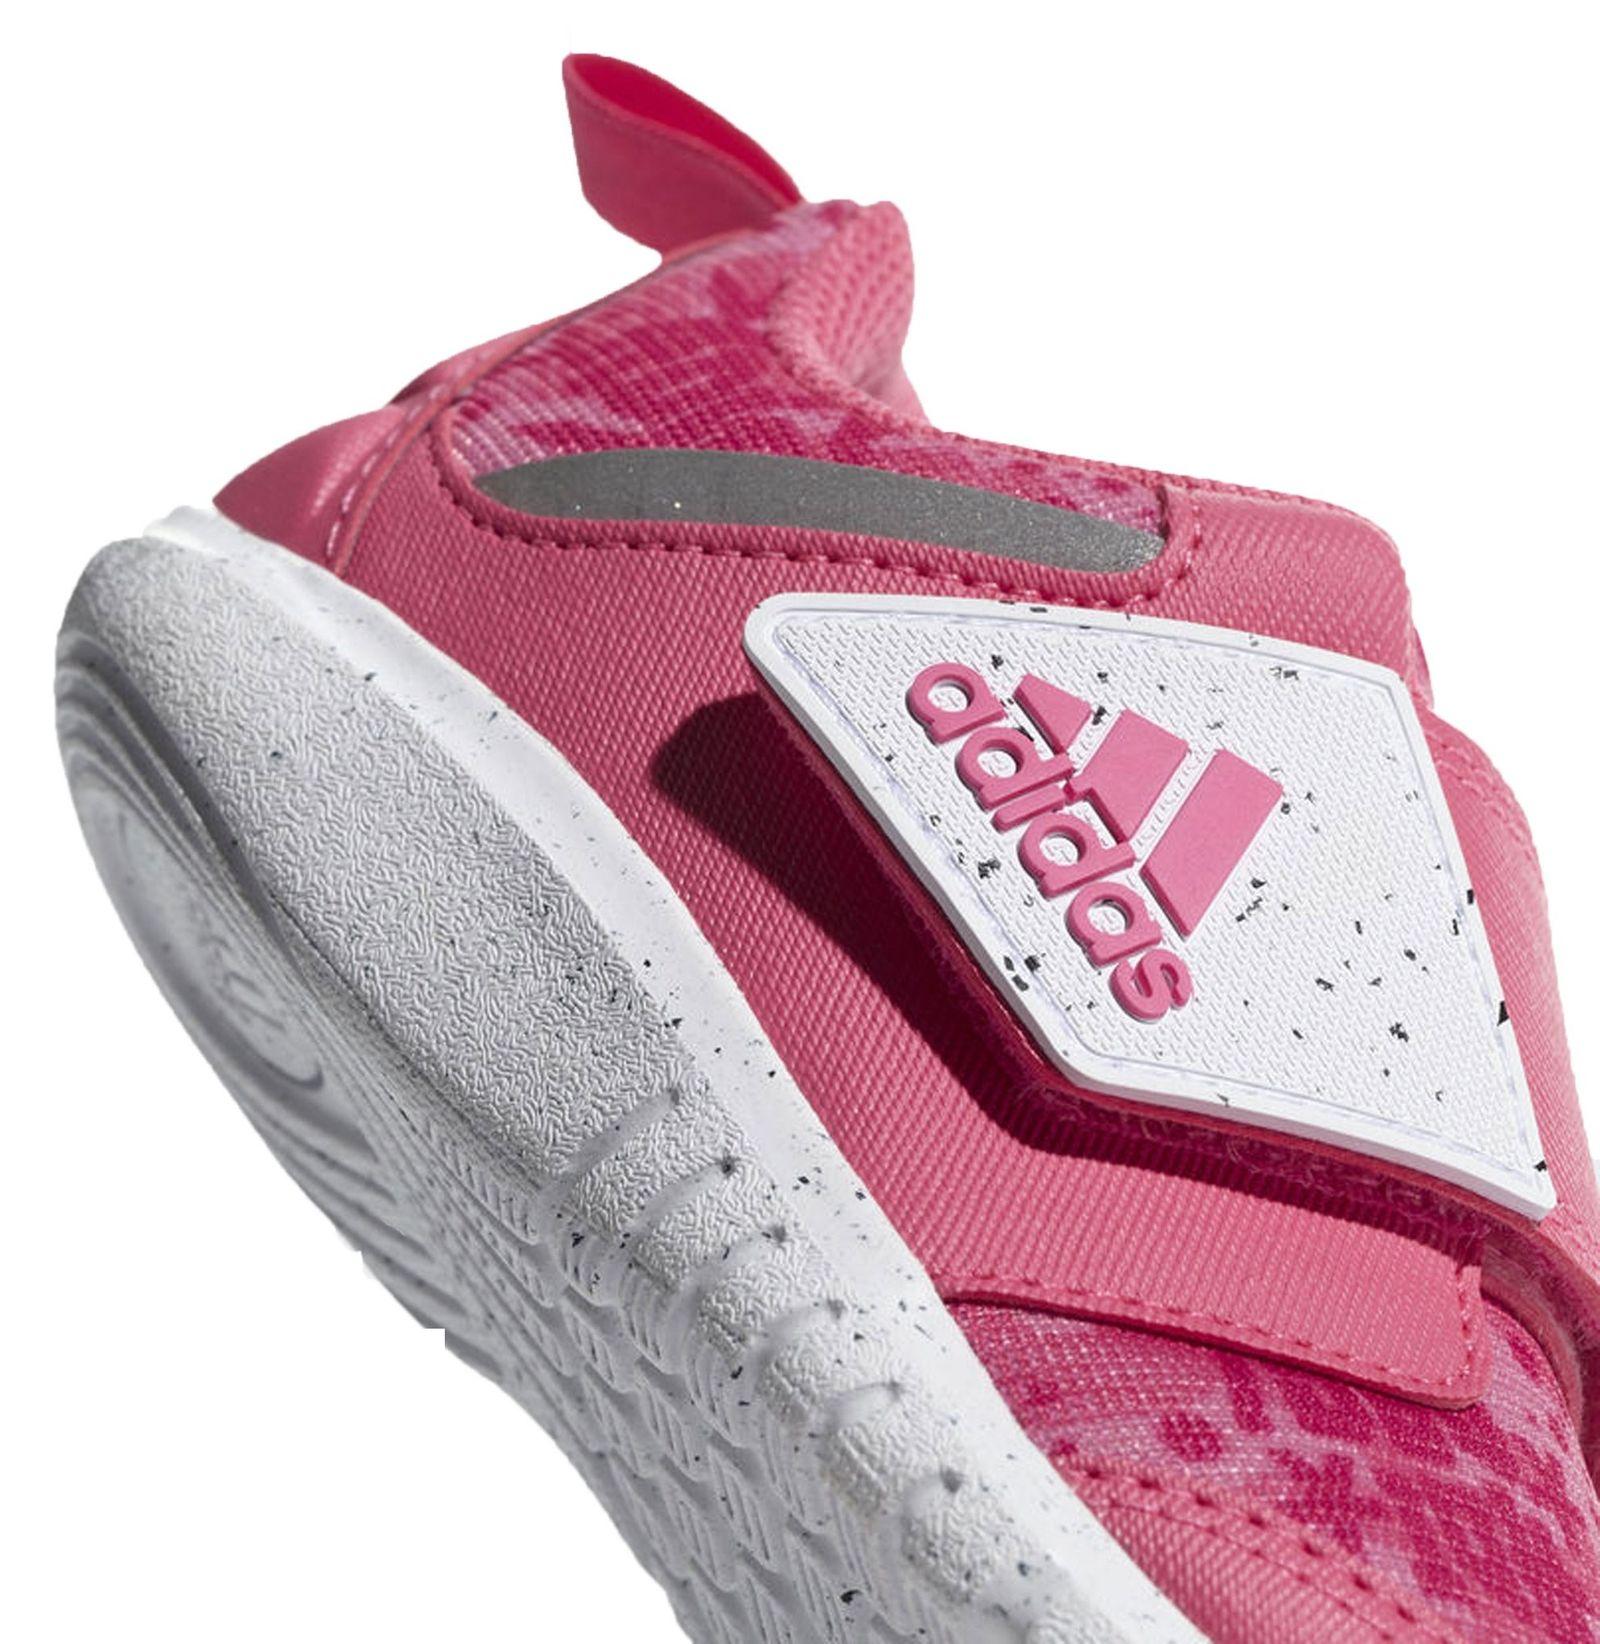 کفش تمرین چسبی دخترانه FortaPlay - آدیداس - صورتی - 5